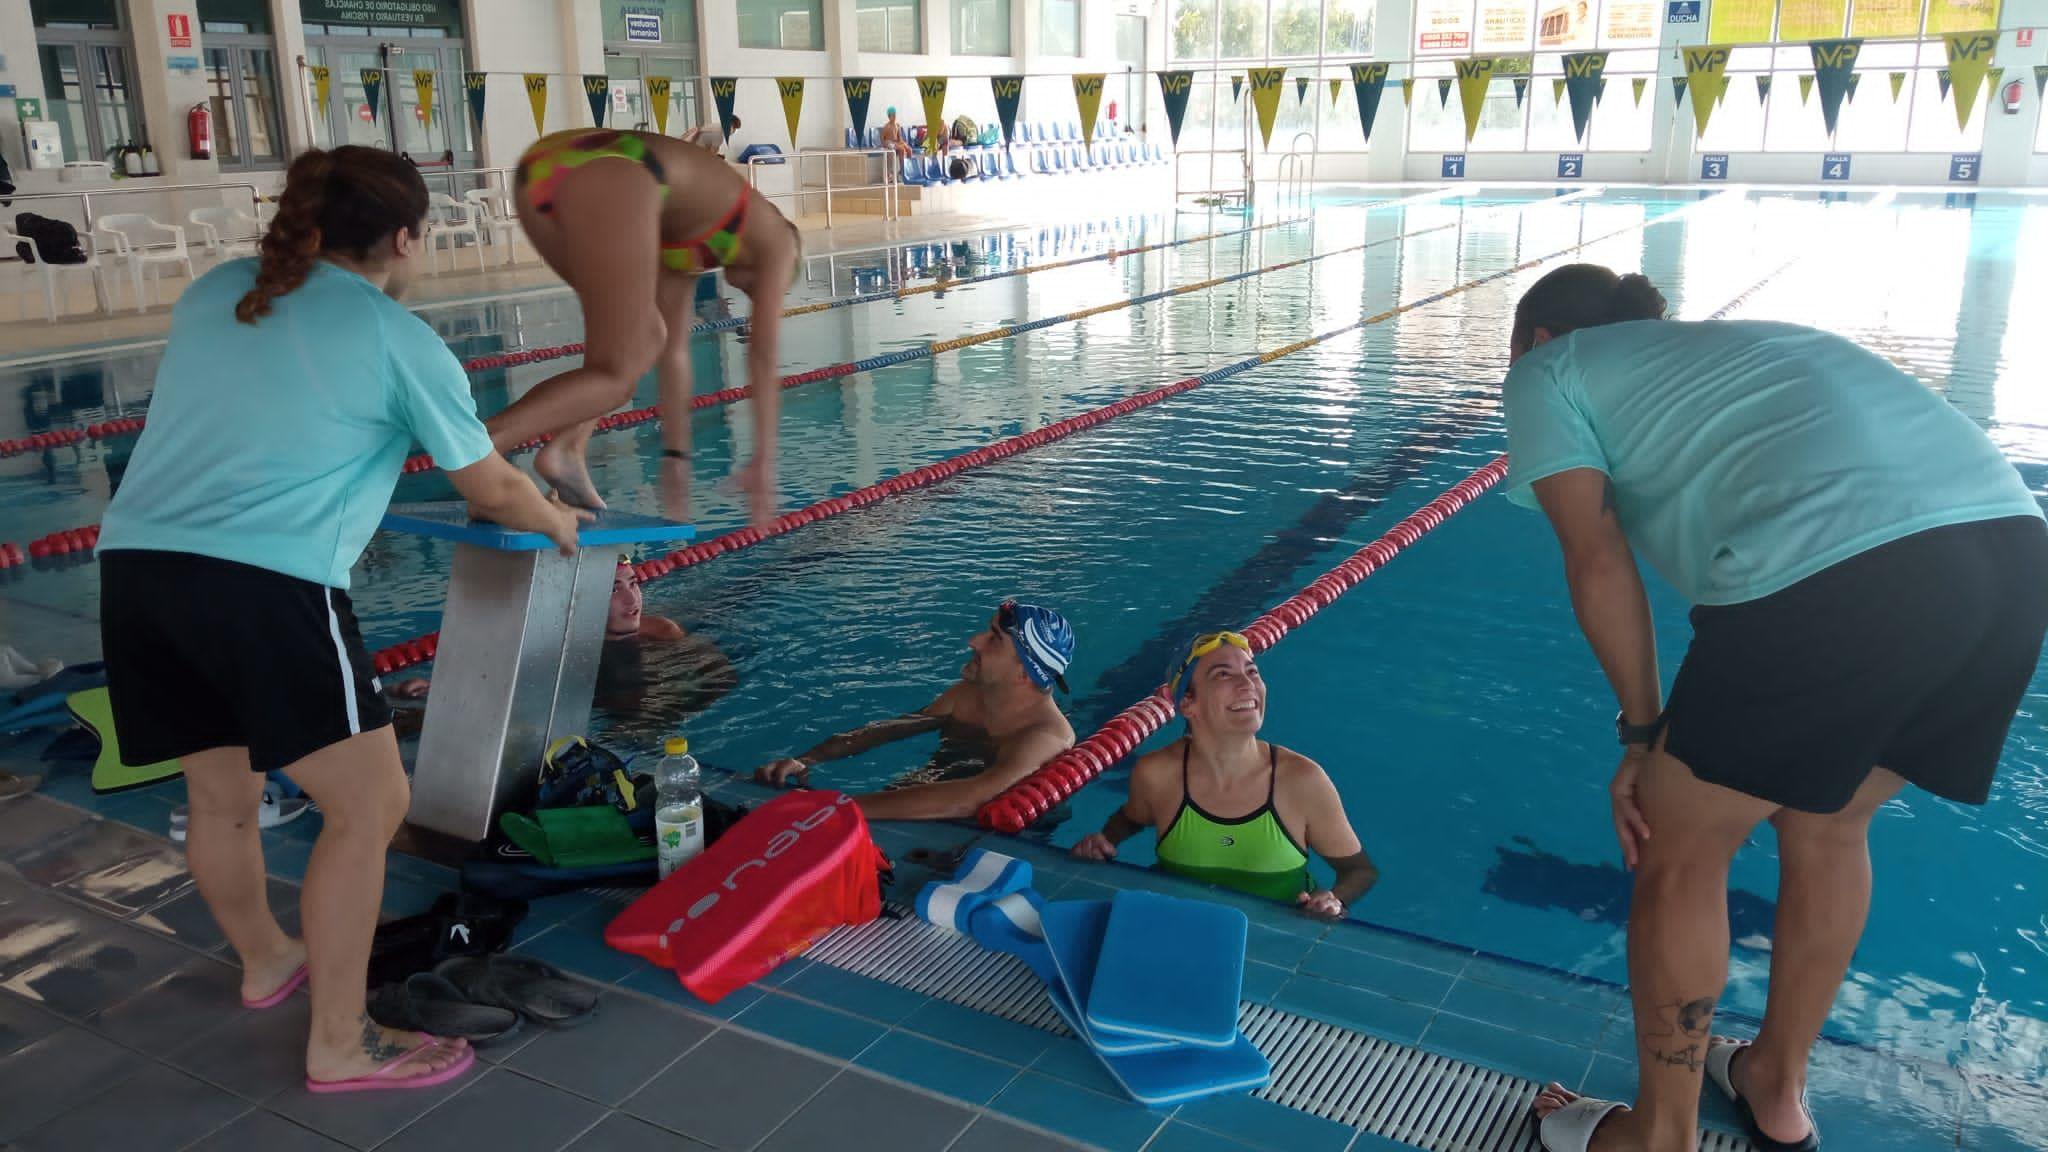 La piscina de Huétor Tájar reabre tras 18 meses sin actividad